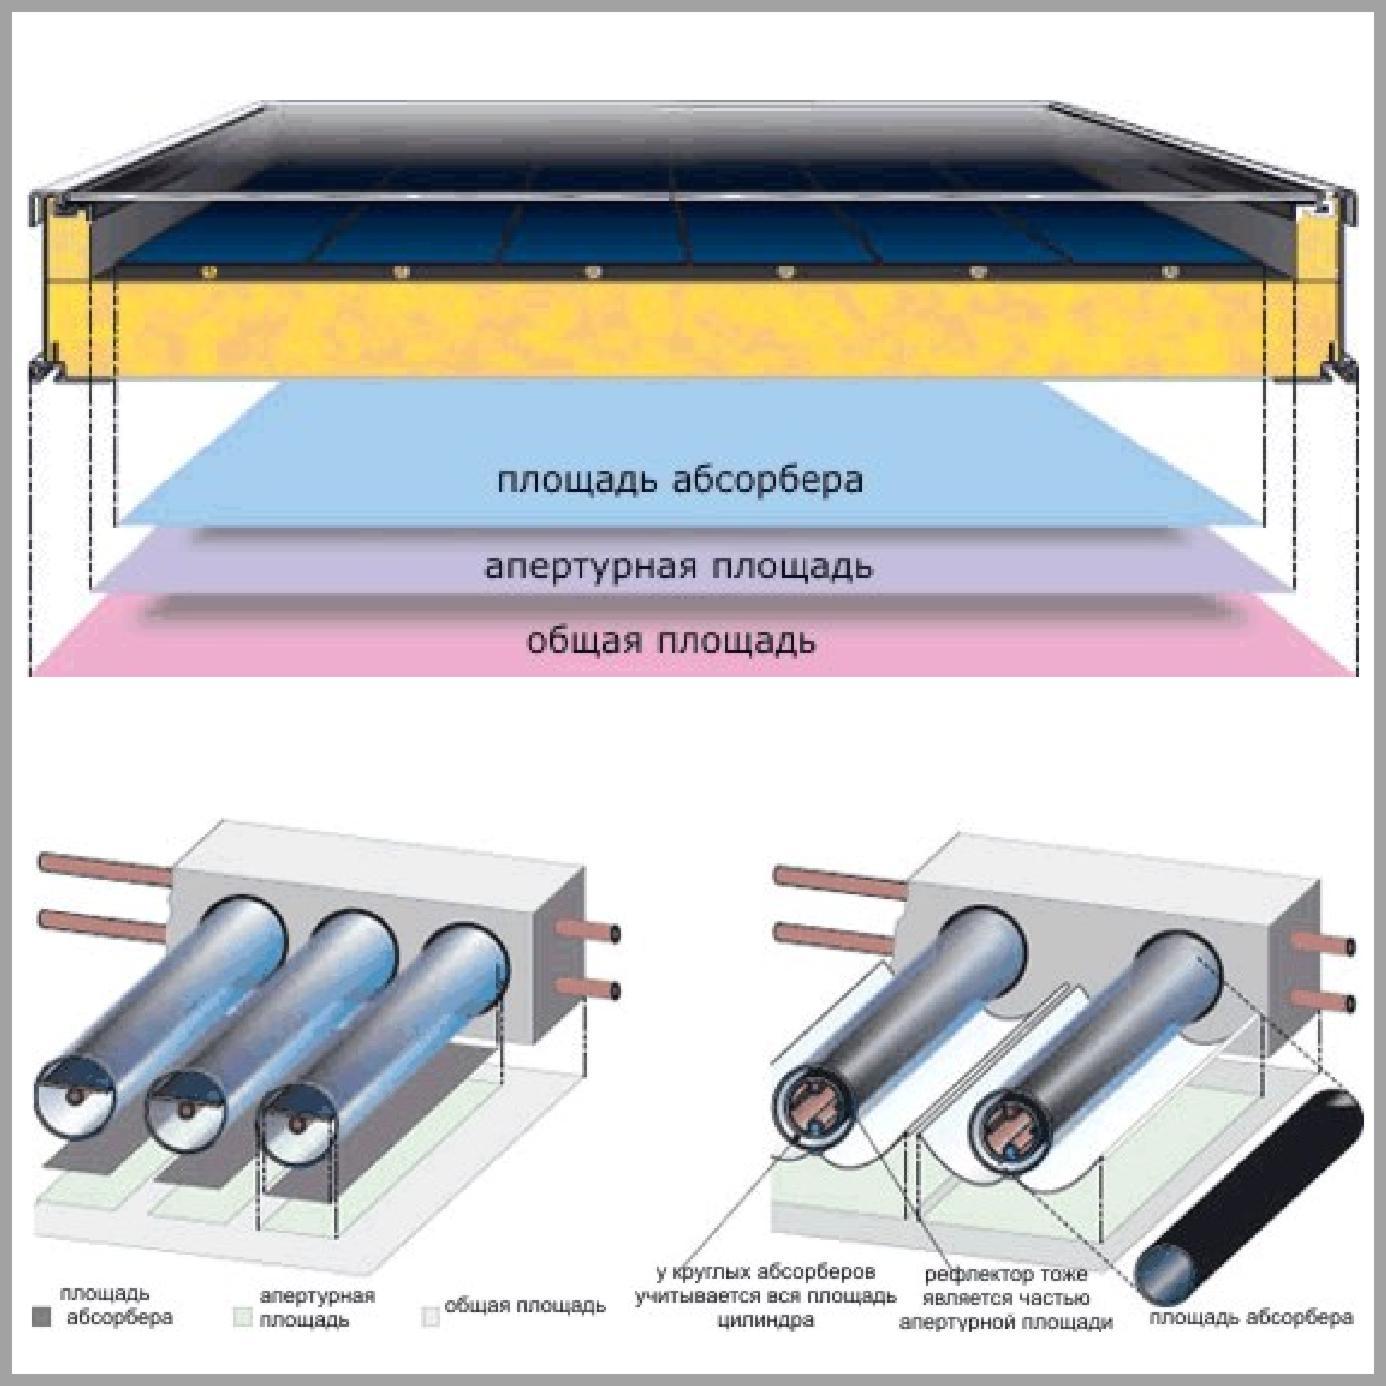 Определение площадей солнечного коллектора